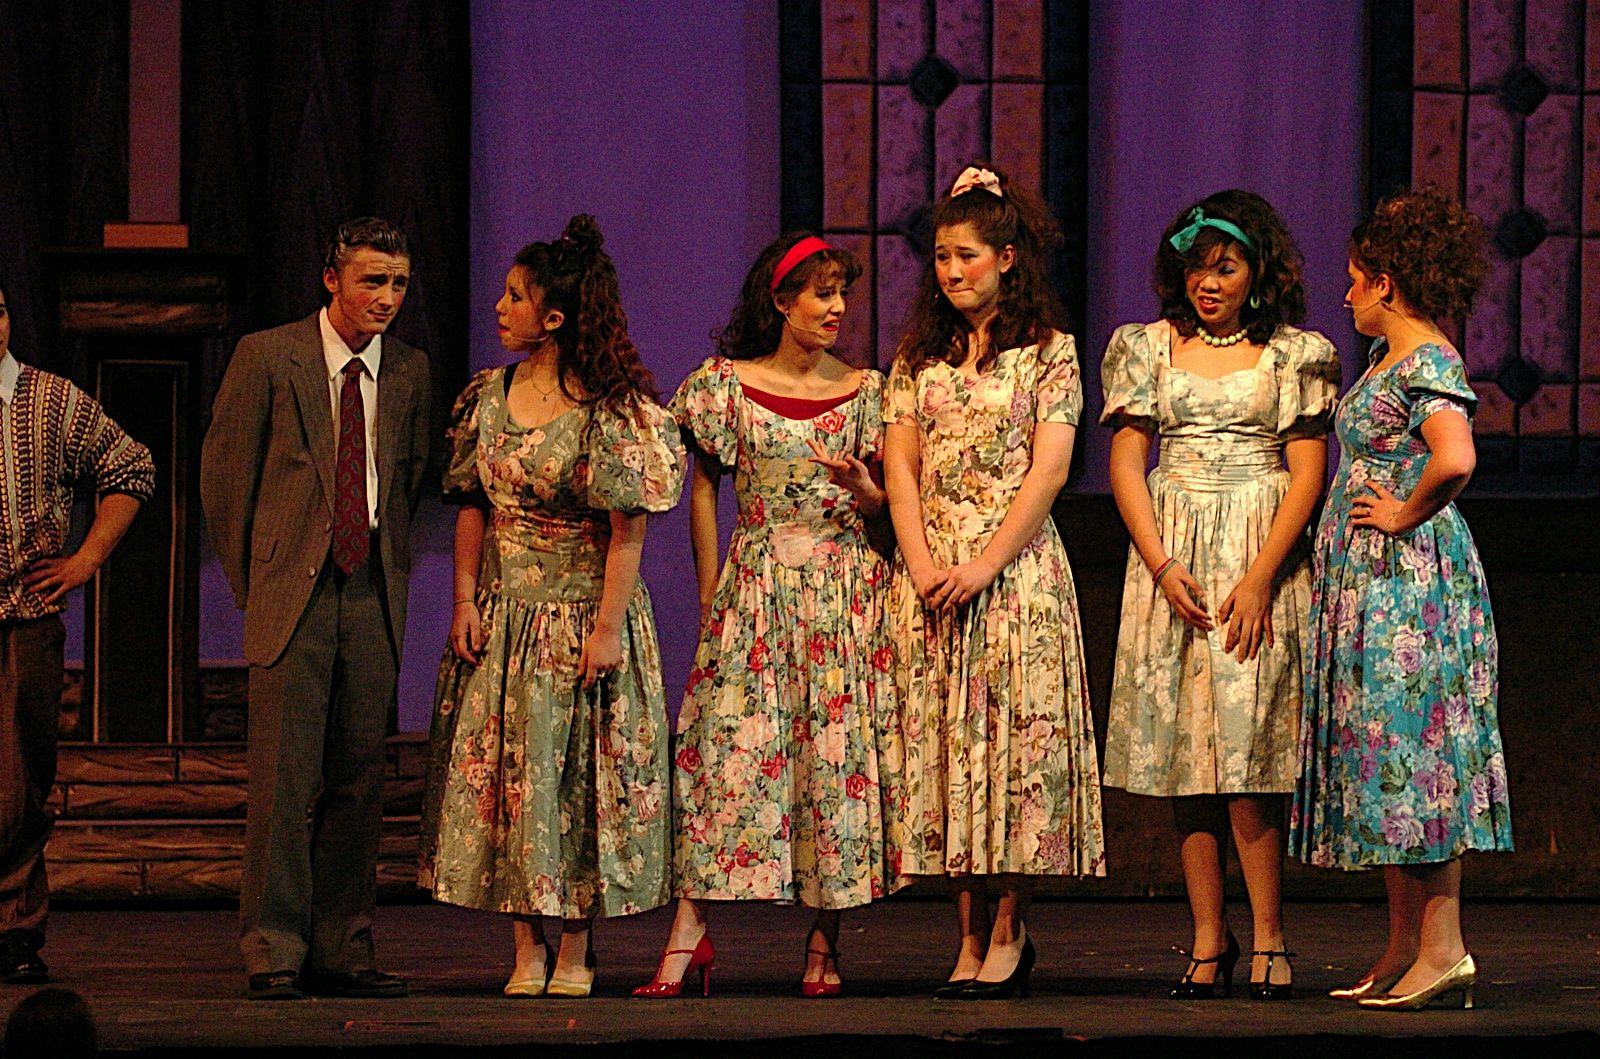 Footloose 80s Costumes Dsc 0103 jpg | Footloose Production ...